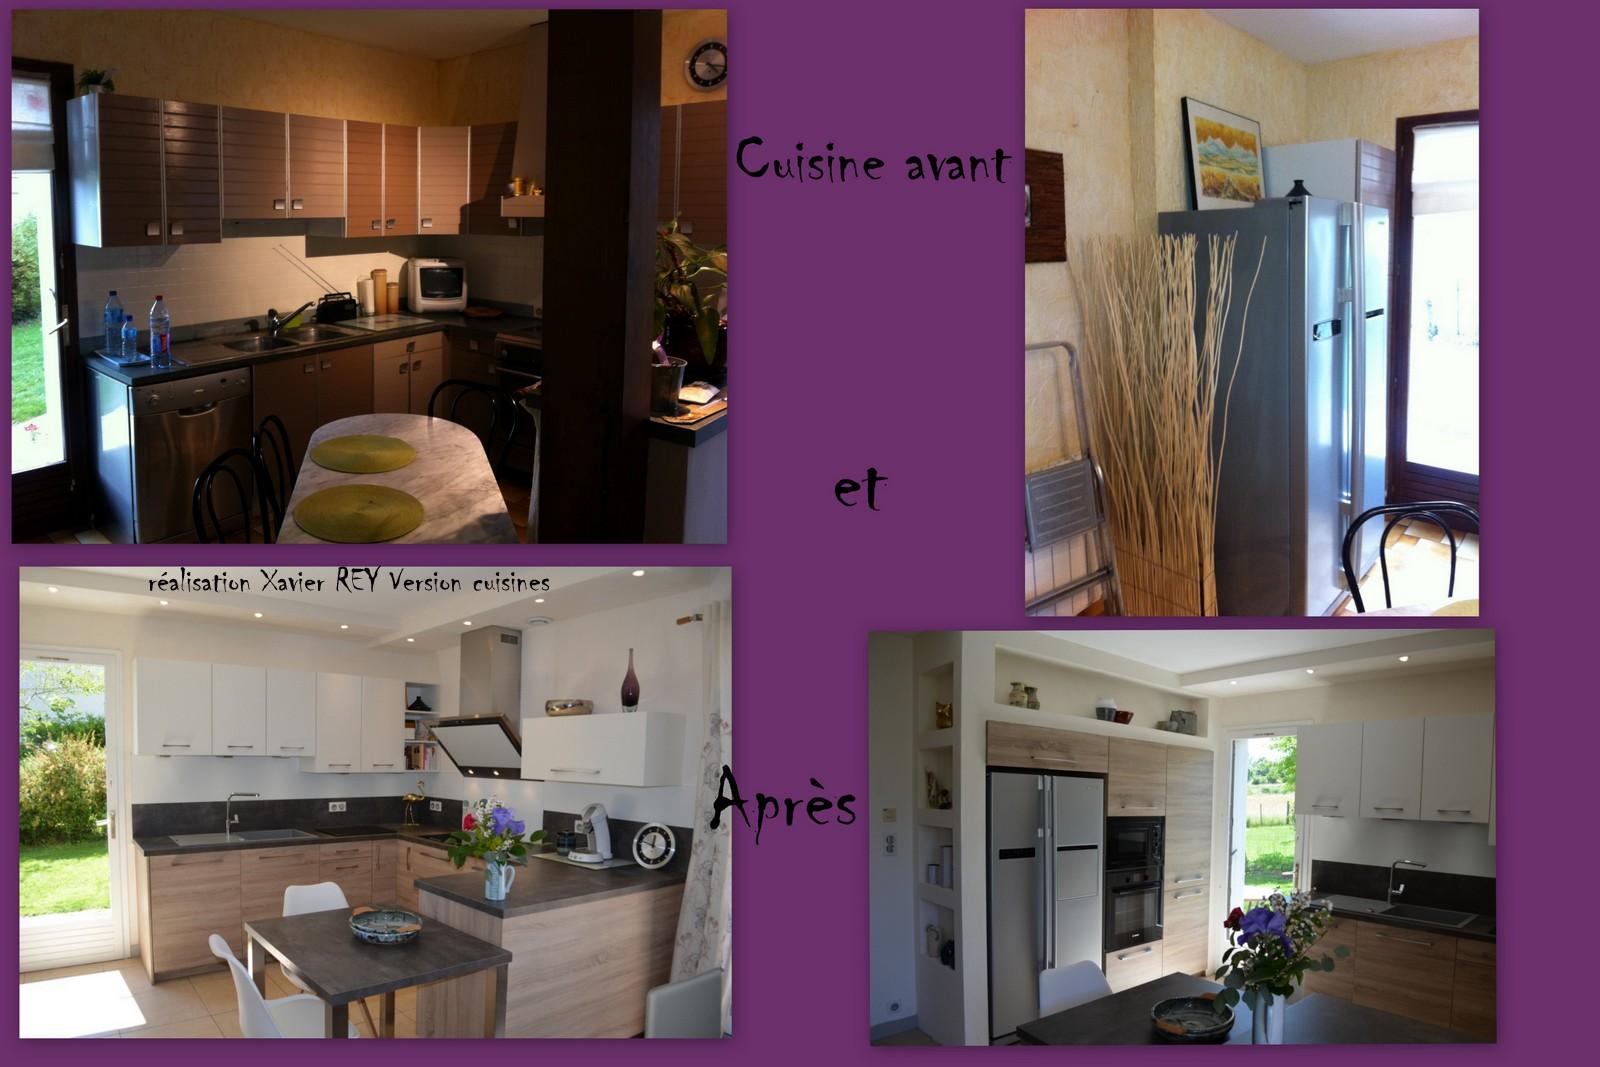 une cuisine avant et apr s travaux. Black Bedroom Furniture Sets. Home Design Ideas